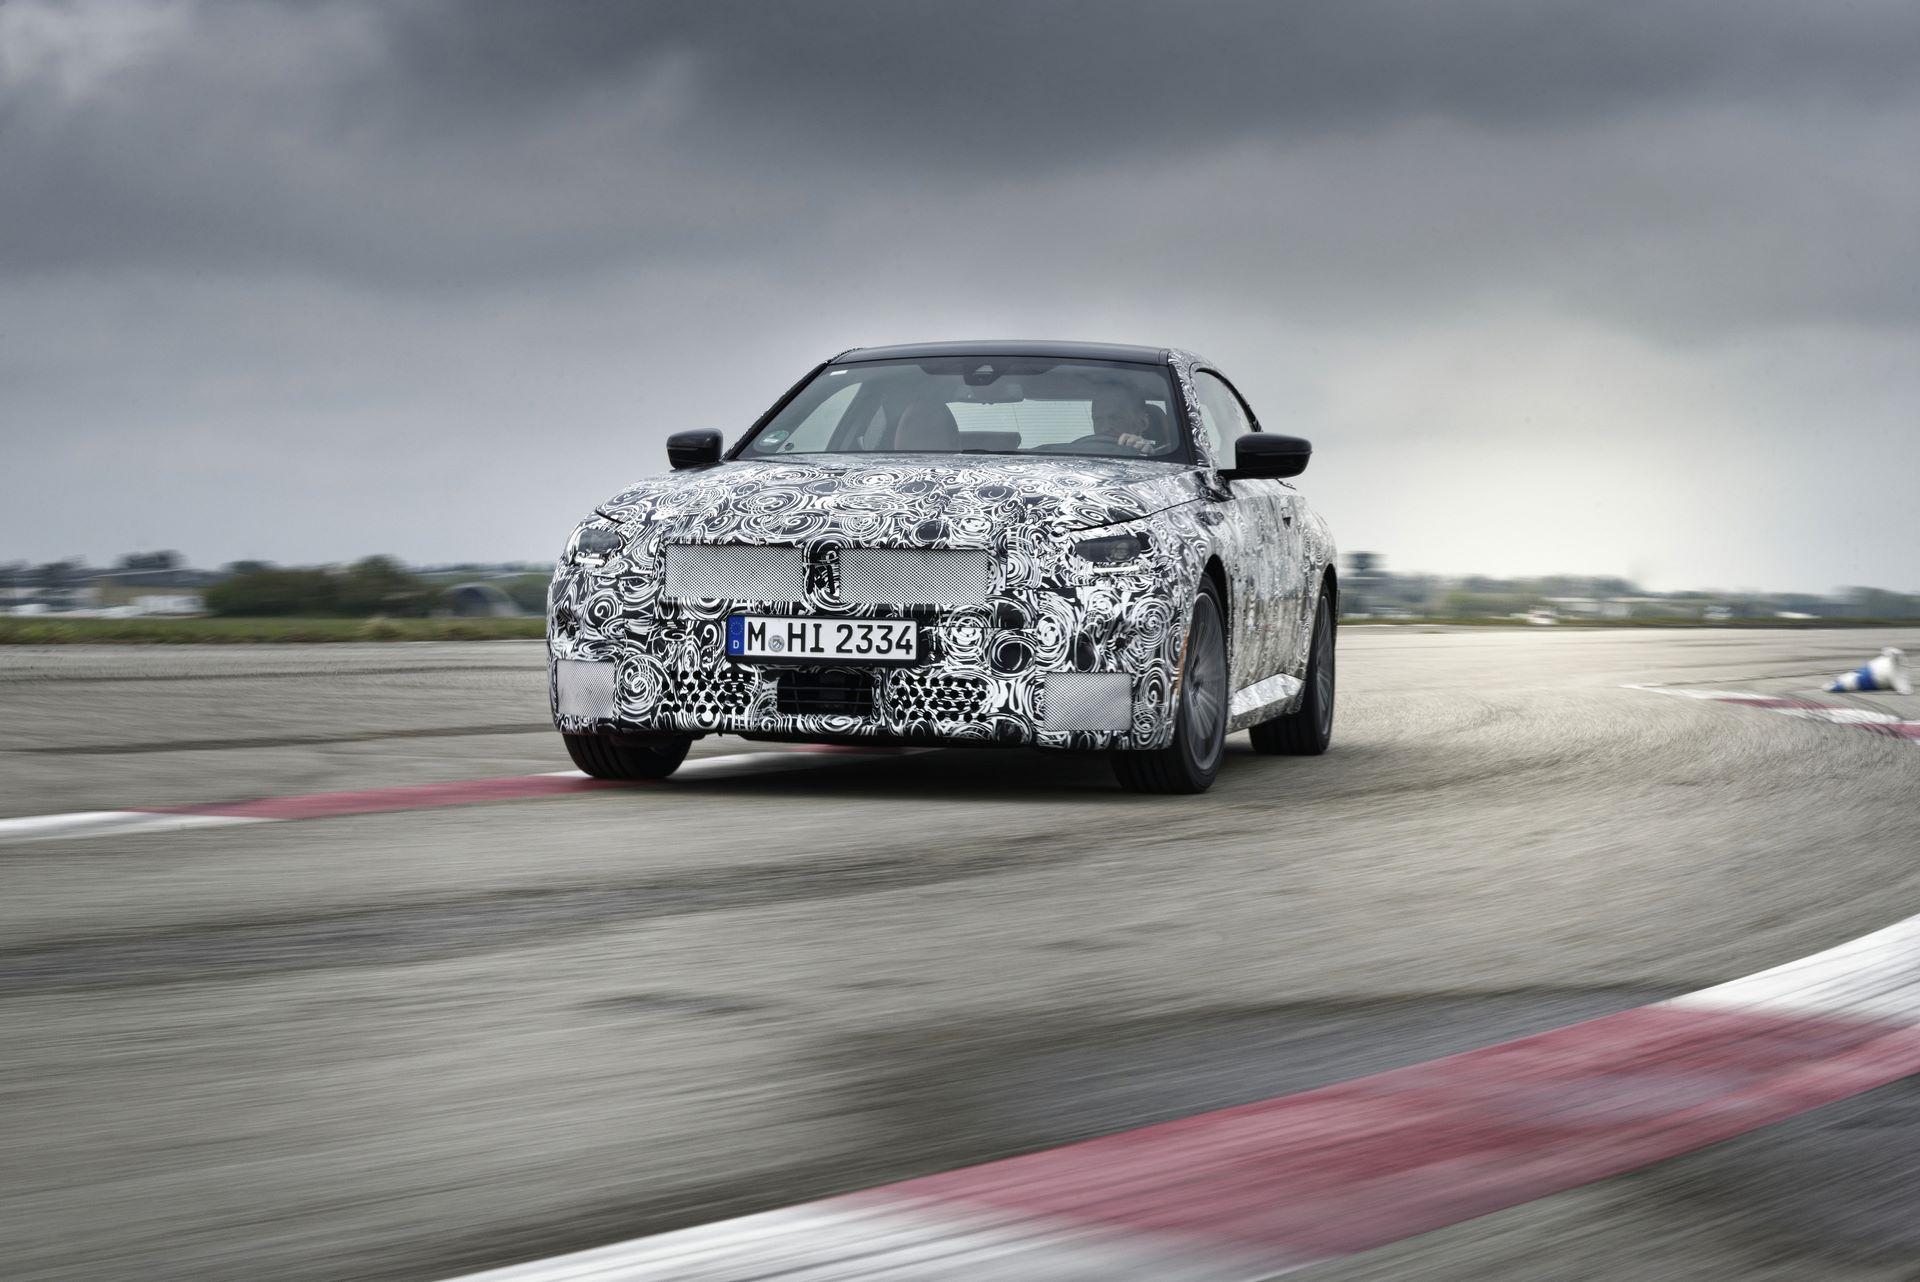 BMW-2-Series-M240i-spy-photos-12